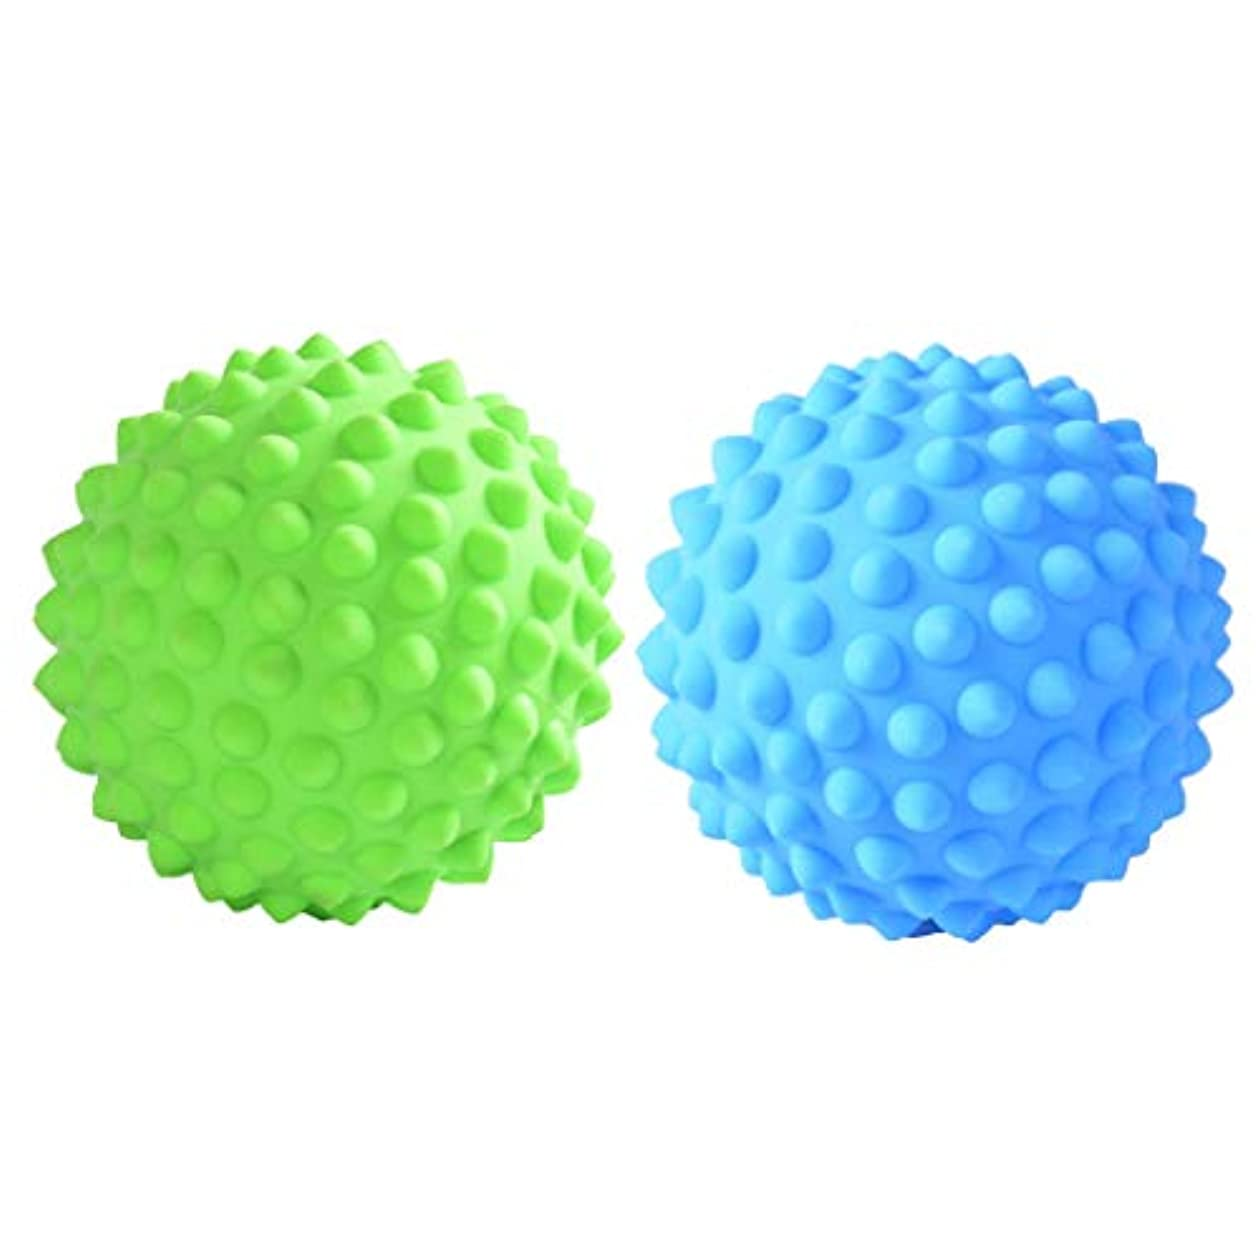 ライブバックグラウンド舗装マッサージローラーボール 指圧ボール トリガーポイント疲れ解消ボール ヨガ疲労軽減 筋膜リリース2個